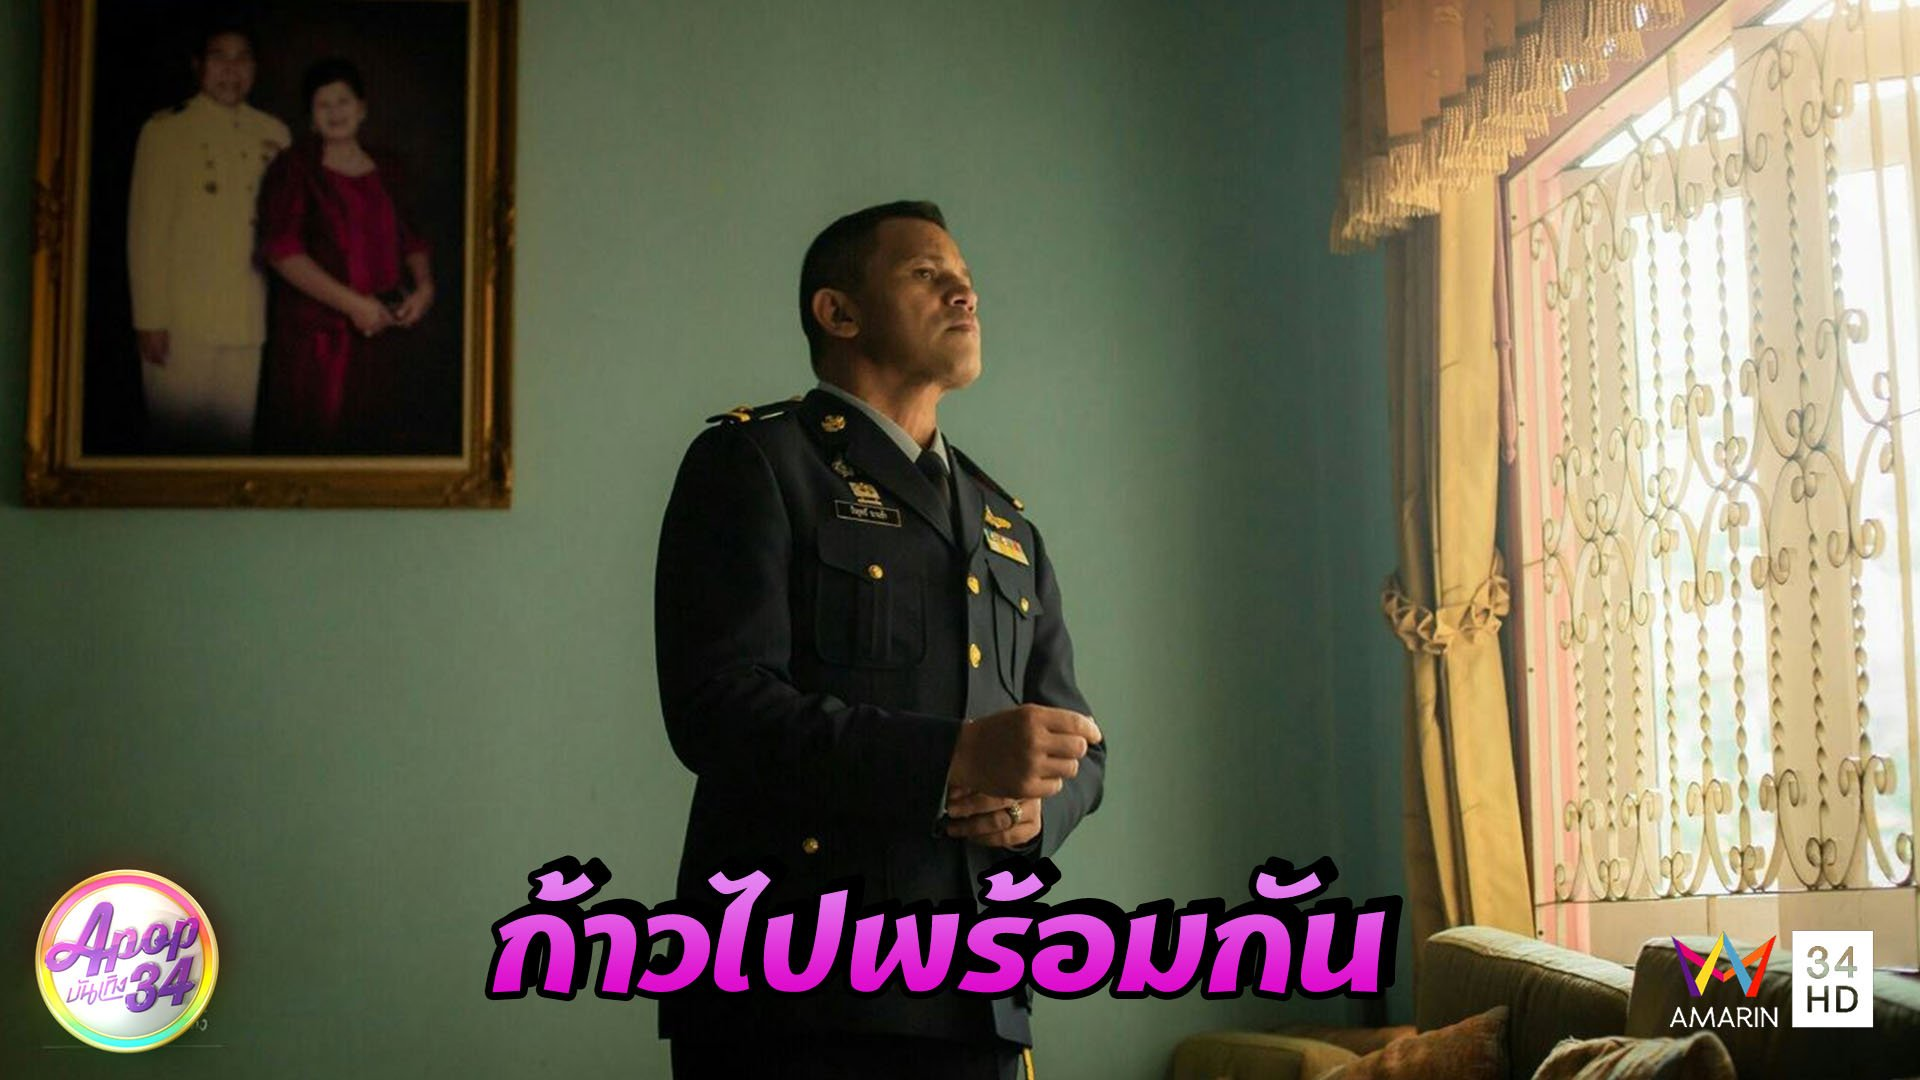 """""""บ่าววี"""" กลั่นเพลงจากหัวใจ ให้กำลังใจคนไทย   Apop บันเทิง 34   8 เม.ย. 63   AMARIN TVHD34"""